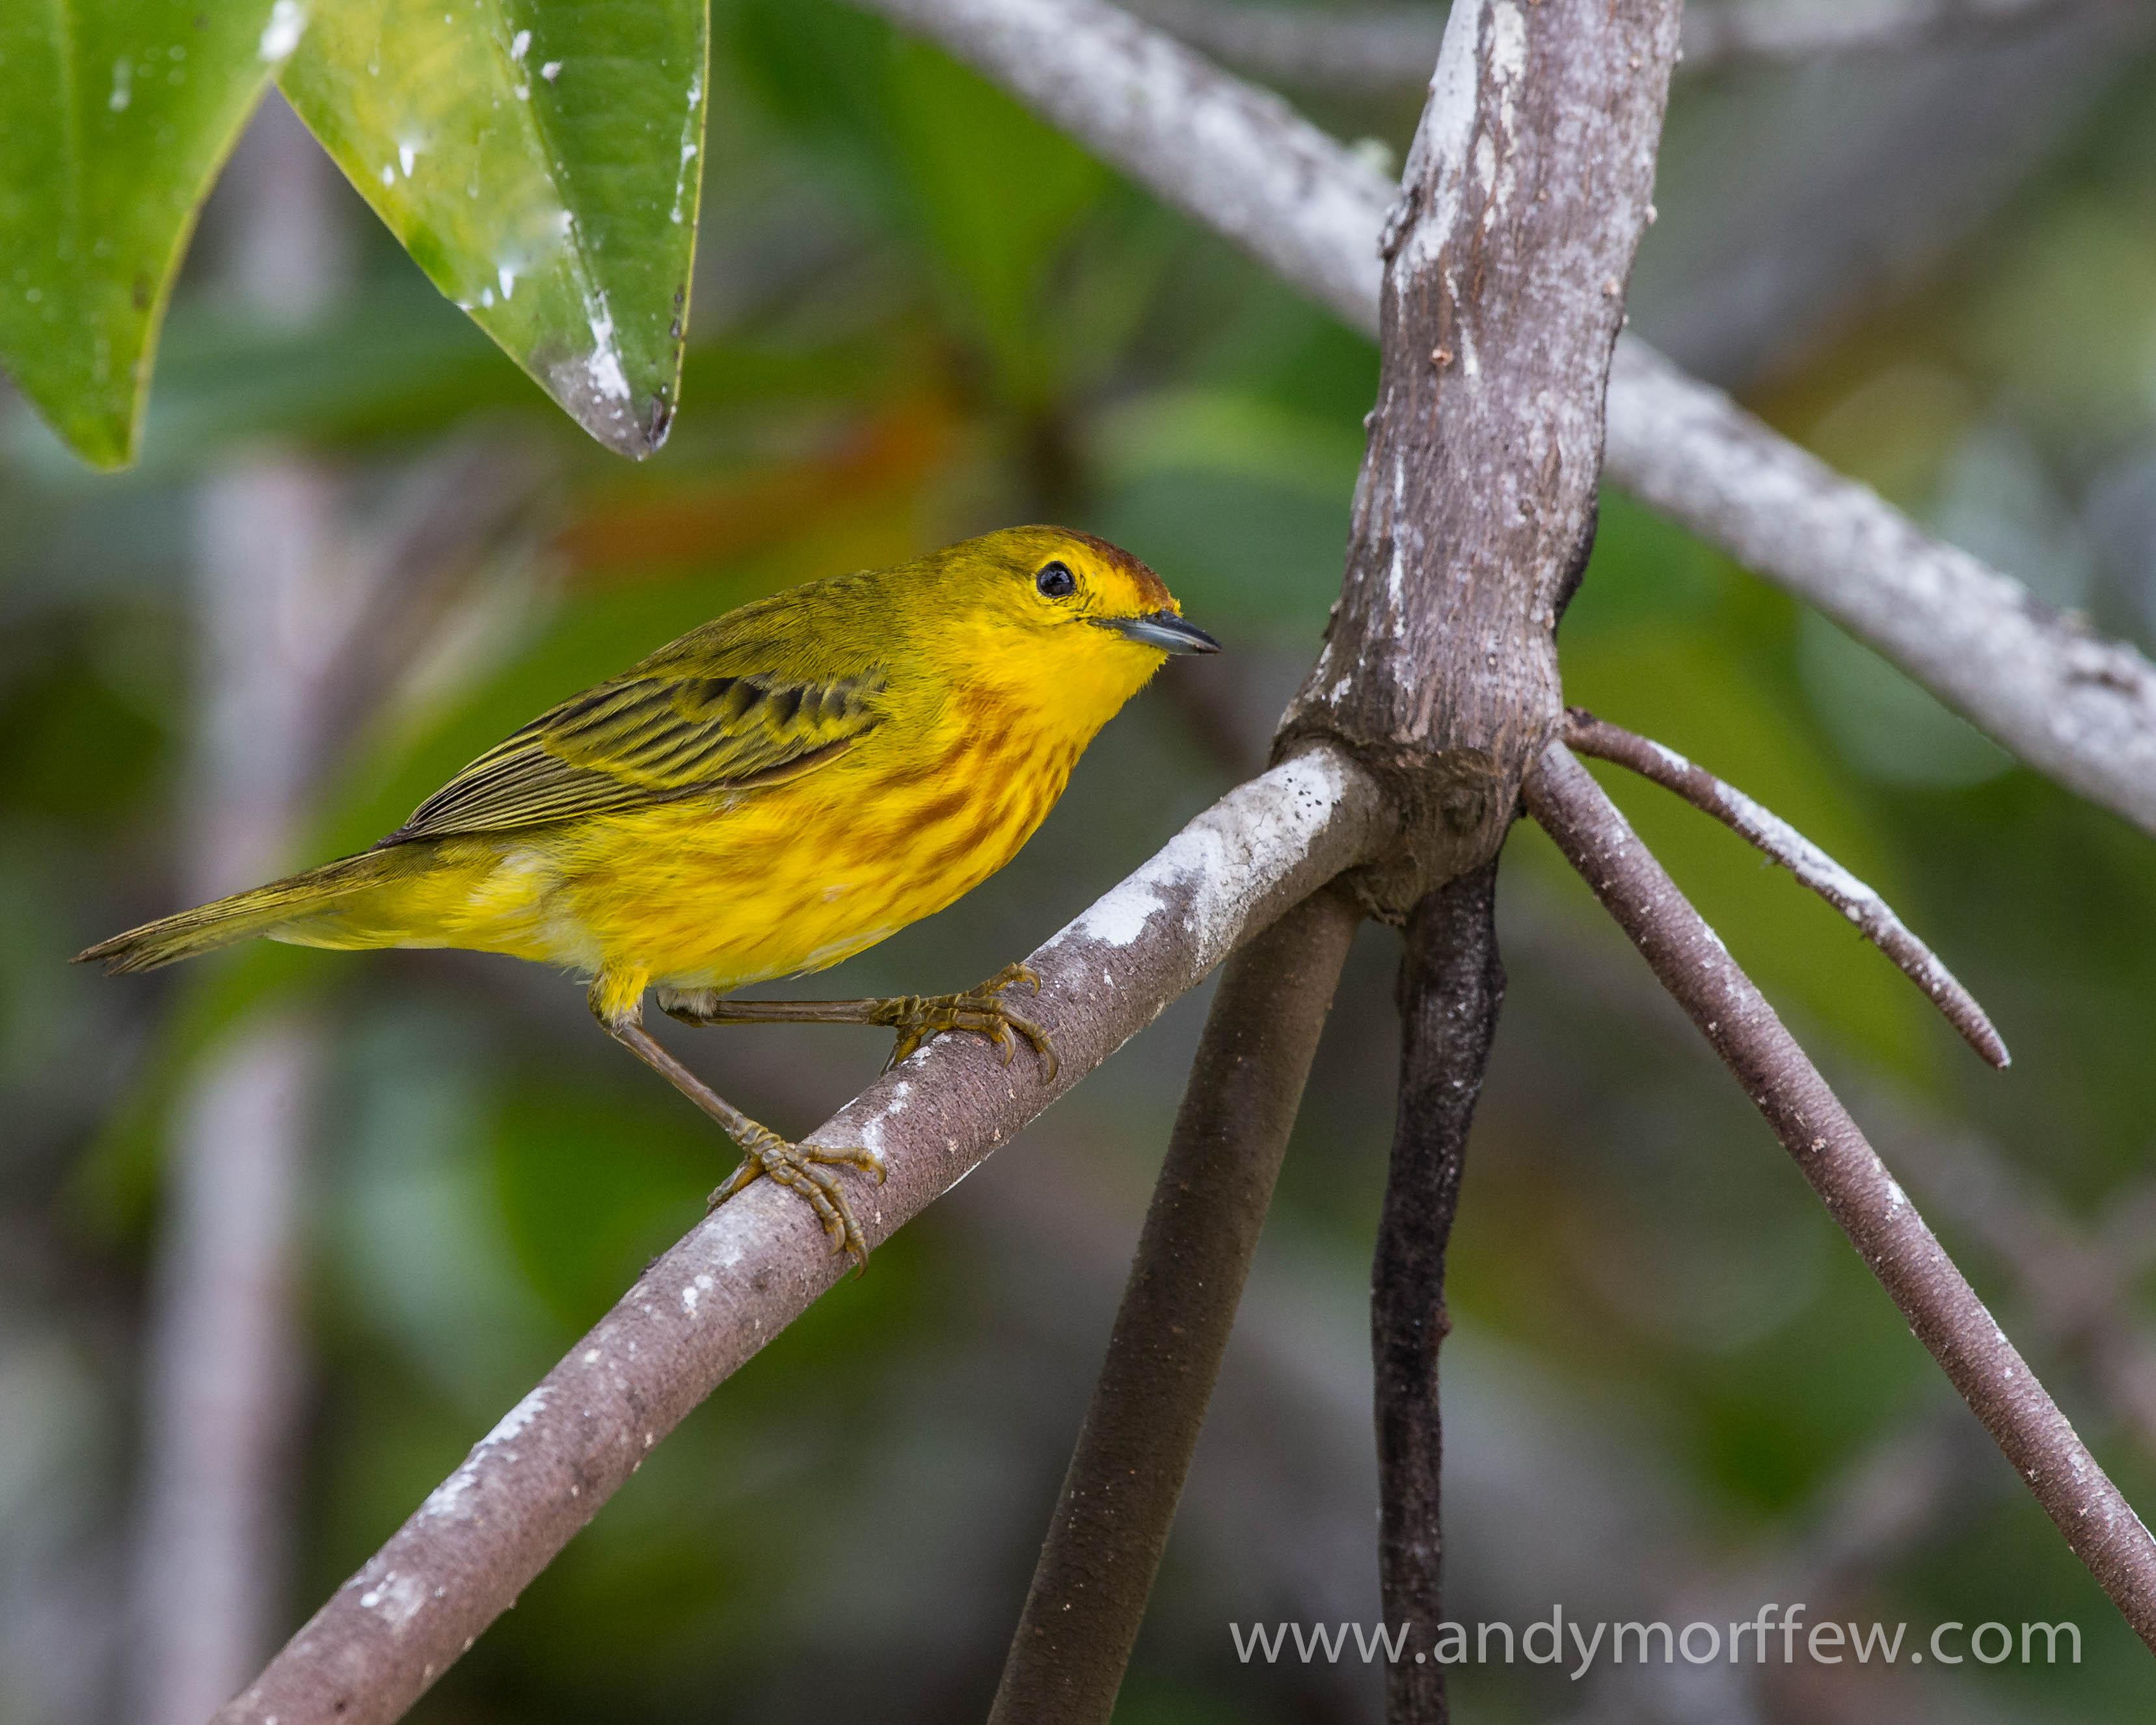 Images Gratuites Branche Oiseau Fleur Male Faune Le Bec